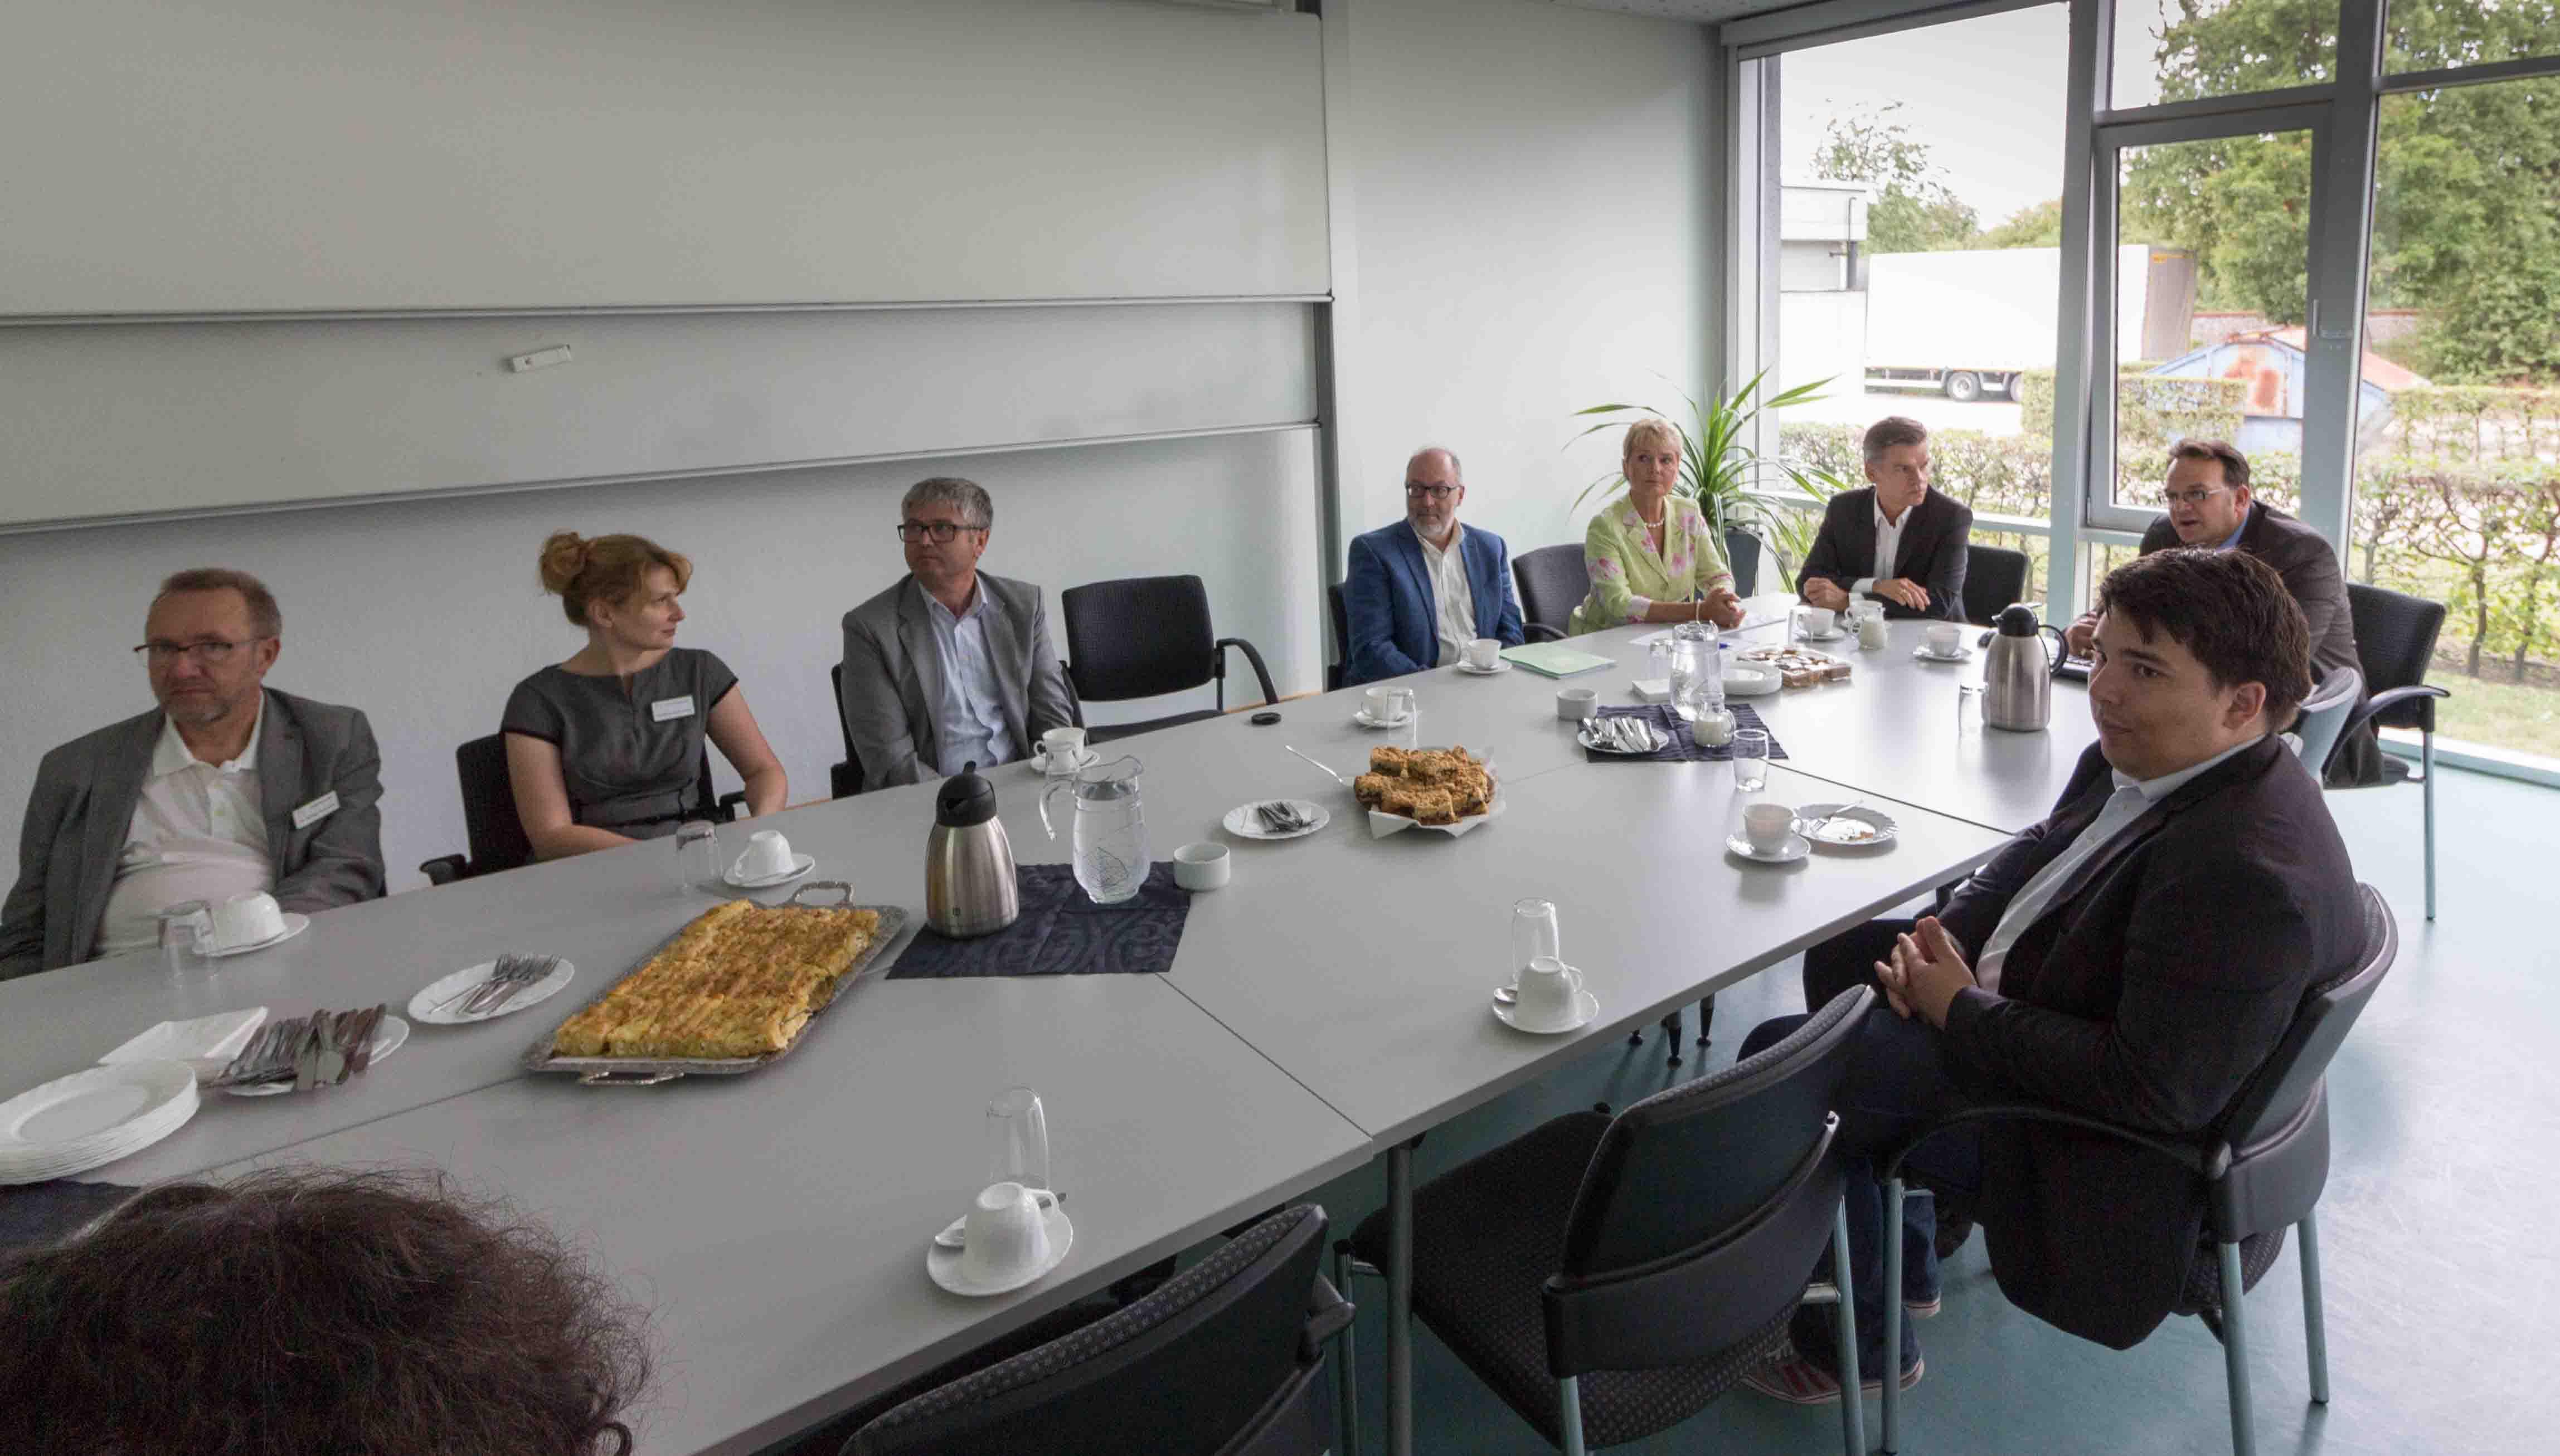 Frau Staatssekretärin Friedlinde Gurr-Hirsch im Gespräch mit Herrn Stephan Walch, dem Amtsleiter des CVUA Karlsruhe, sowie mit den begleitenden Abgeordneten und mit Mitarbeiterinnen und Mitarbeitern des CVUA. (Foto:CVUA Karlsruhe).